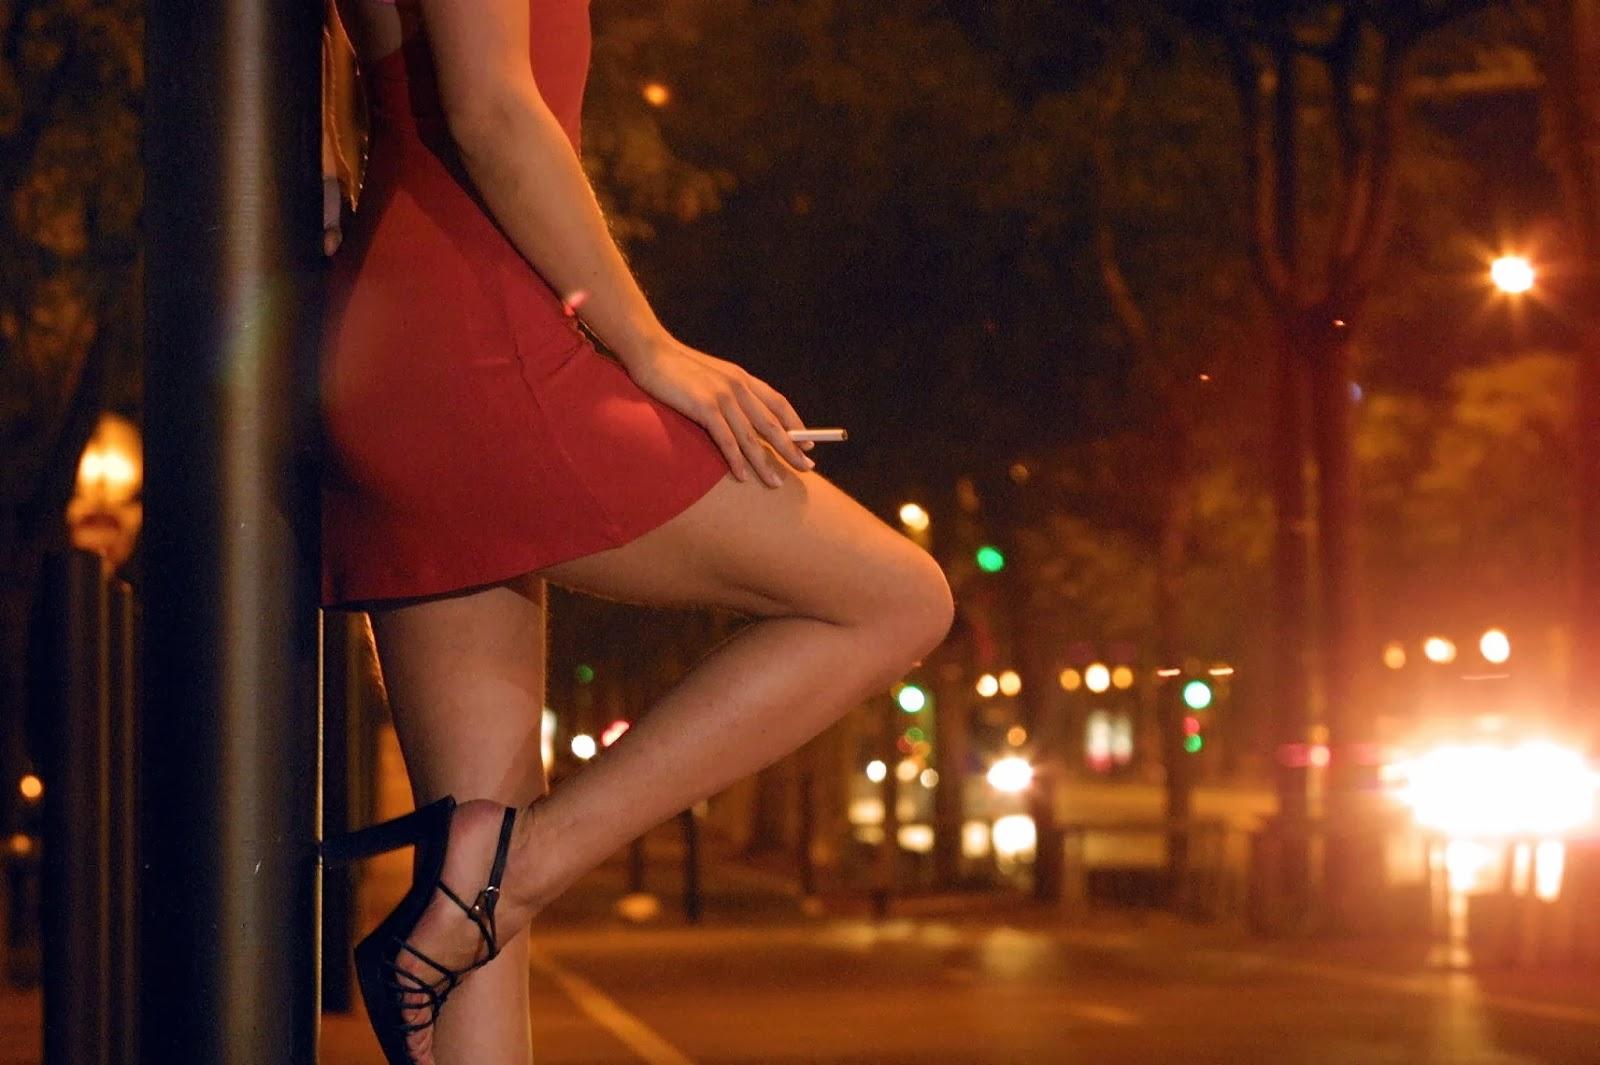 Prostitutes Same